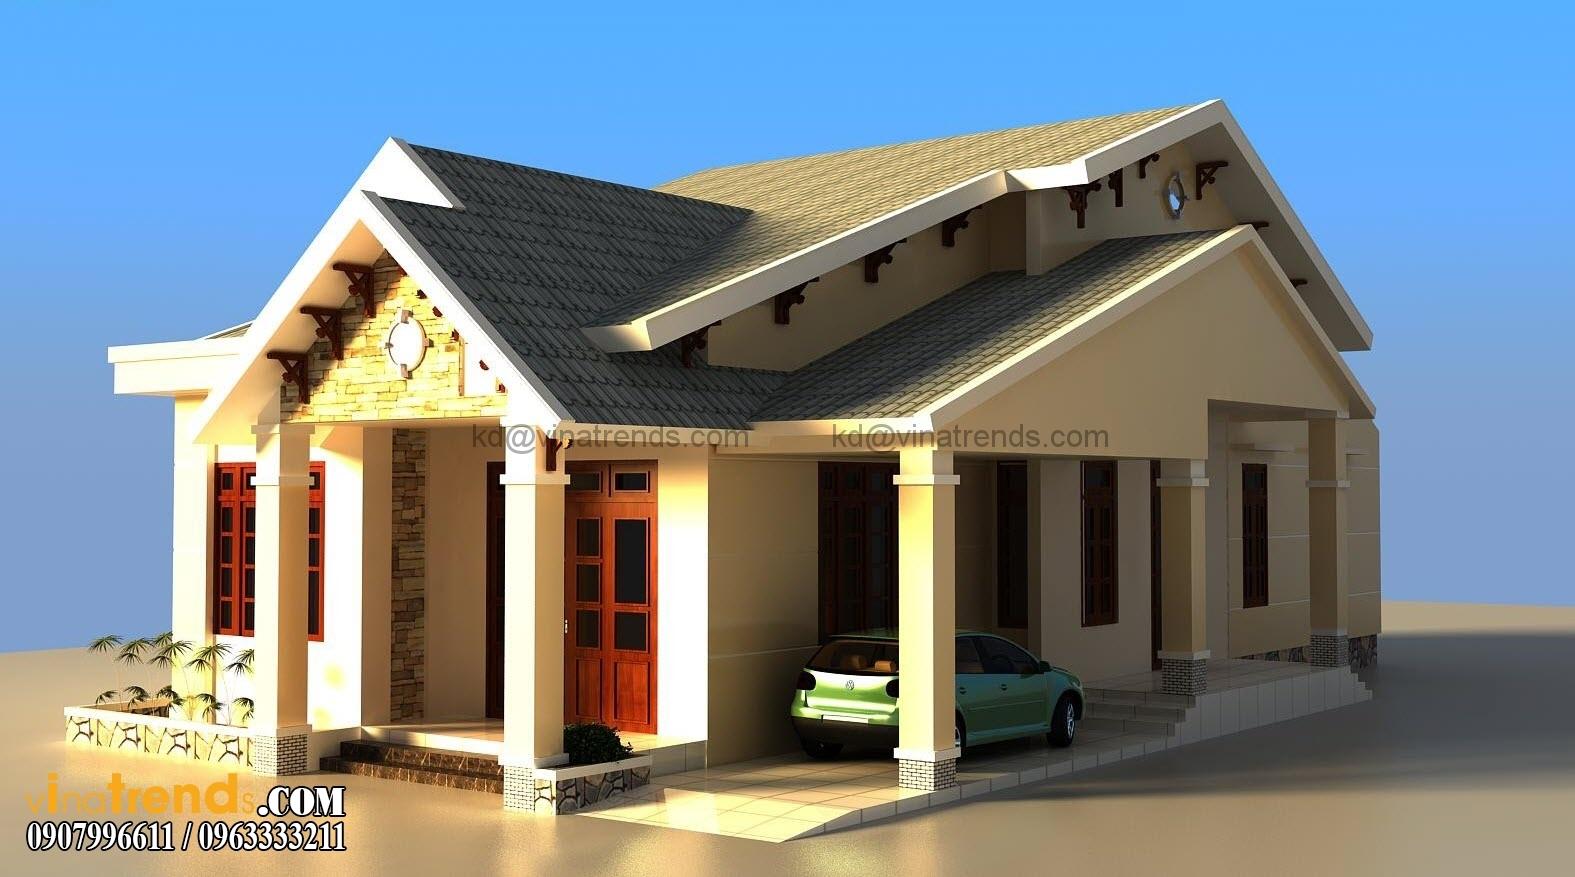 mau nha 1 tang dep Top 10 mẫu thiết kế nhà cấp 4 mái thái đẹp xu hướng 2016   BST021015A